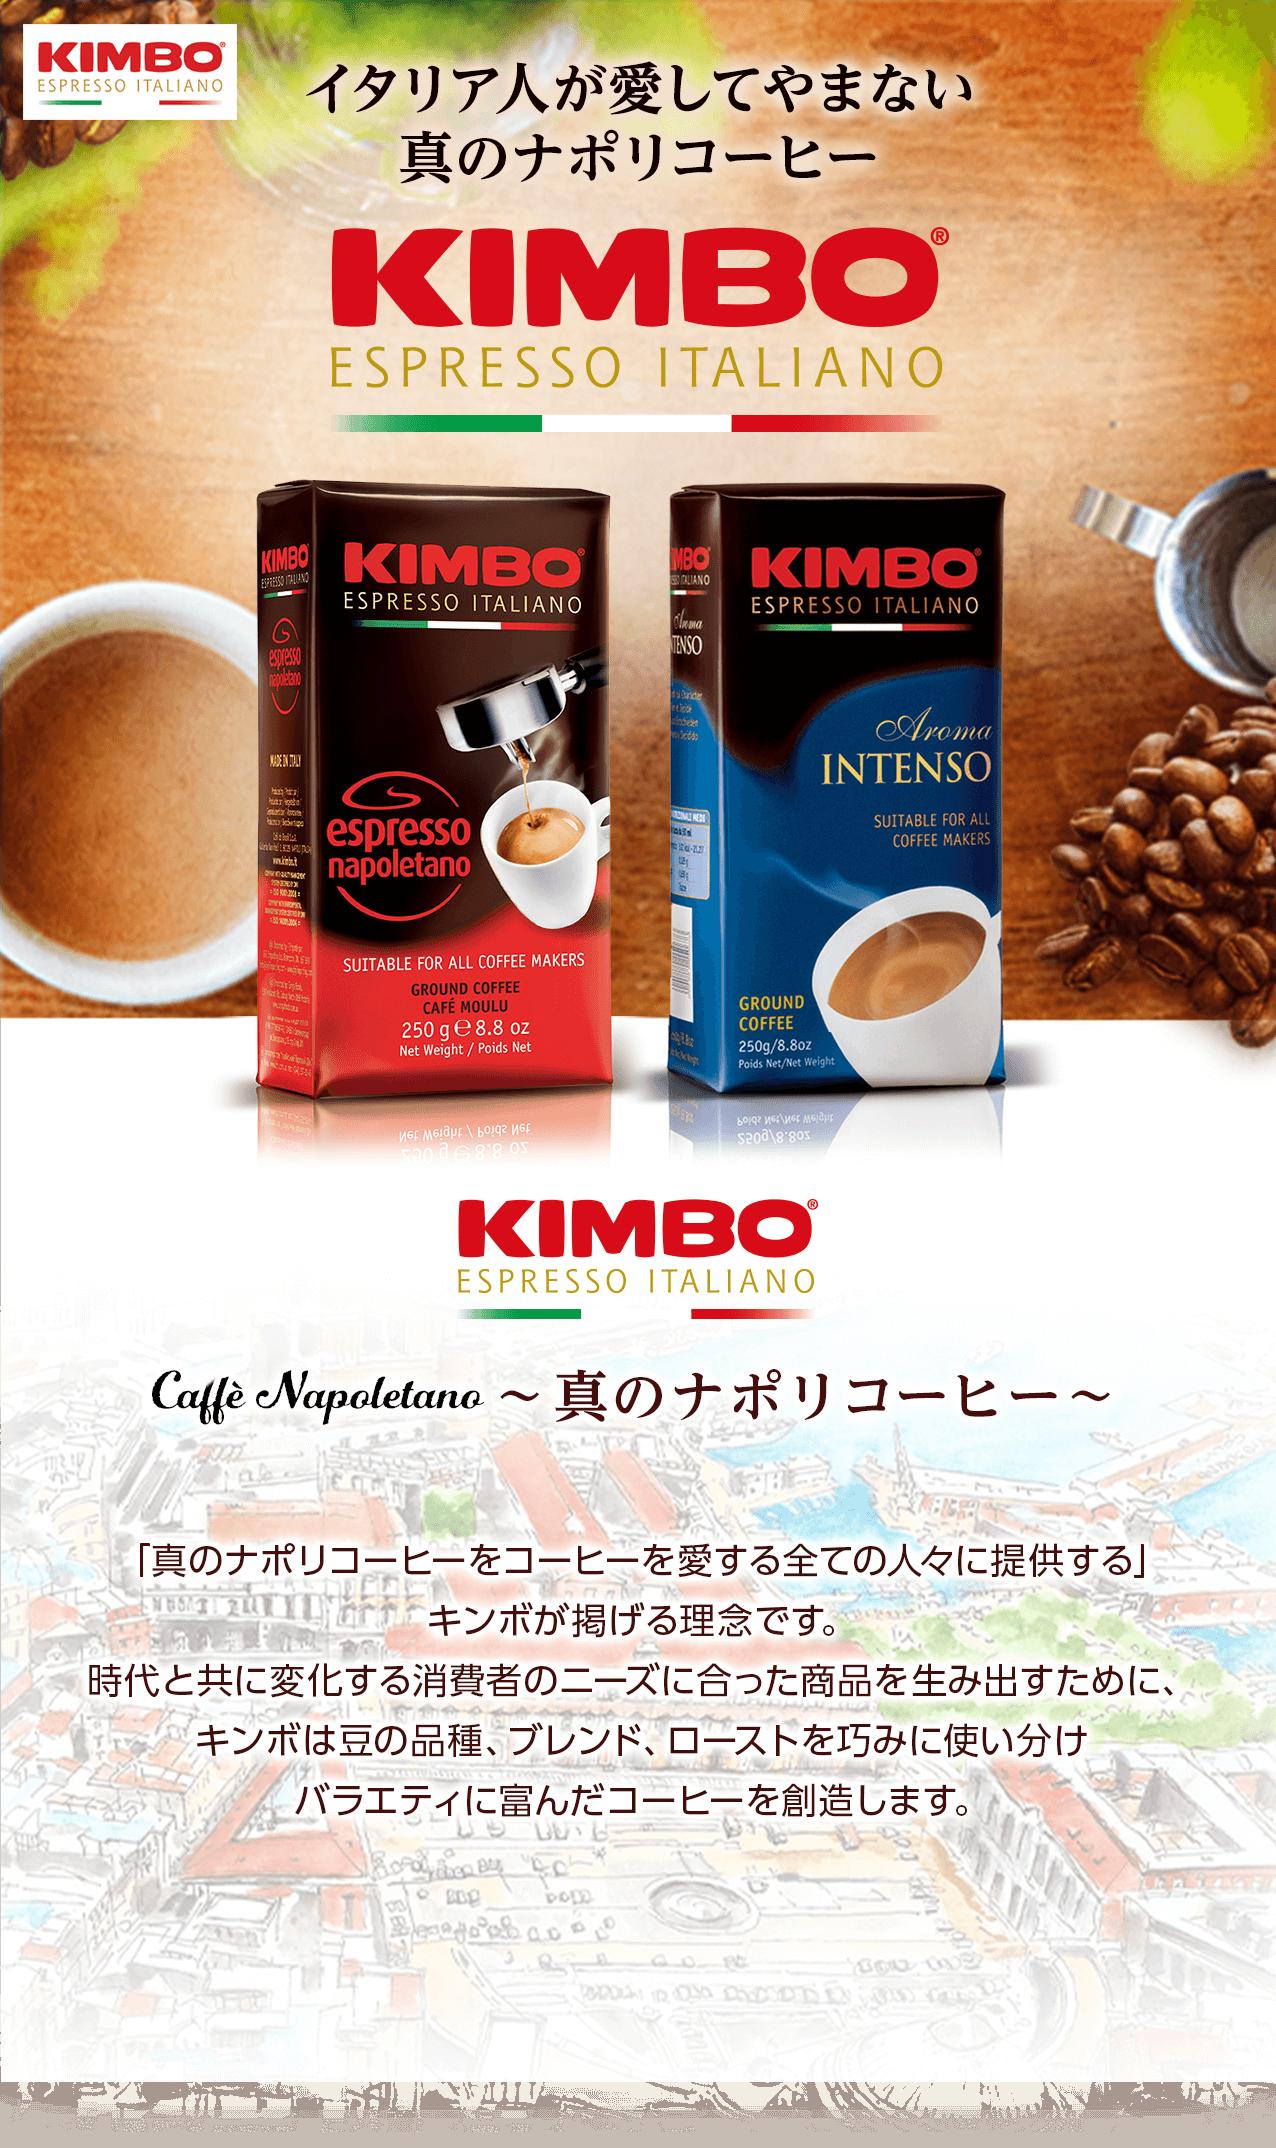 イタリア人が愛してやまない真のナポリコーヒーKIMBO Caffé Napoletano真のナポリコーヒー「真のナポリコーヒーをコーヒーを愛する全ての人々に提供する」キンボが掲げる理念です。時代と共に変化する消費者のニーズに合った商品を生み出すために、キンボは豆の品種、ブレンド、ローストを巧みに使い分けバラエティに富んだコーヒーを創造します。